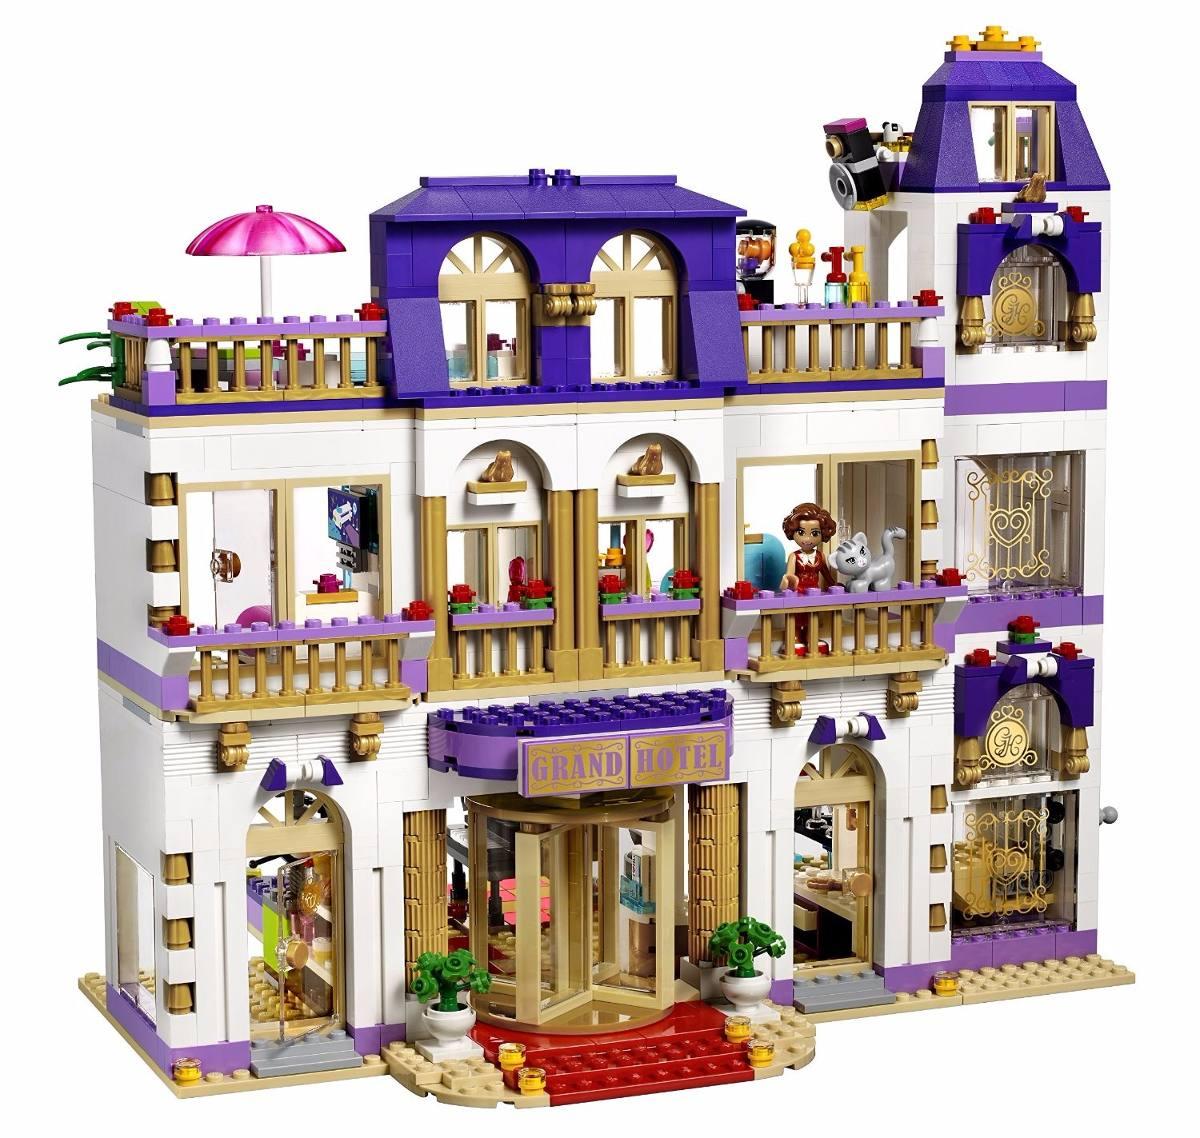 lego friends 41101 el gran hotel de heartlake s 740 00 en mercado libre. Black Bedroom Furniture Sets. Home Design Ideas